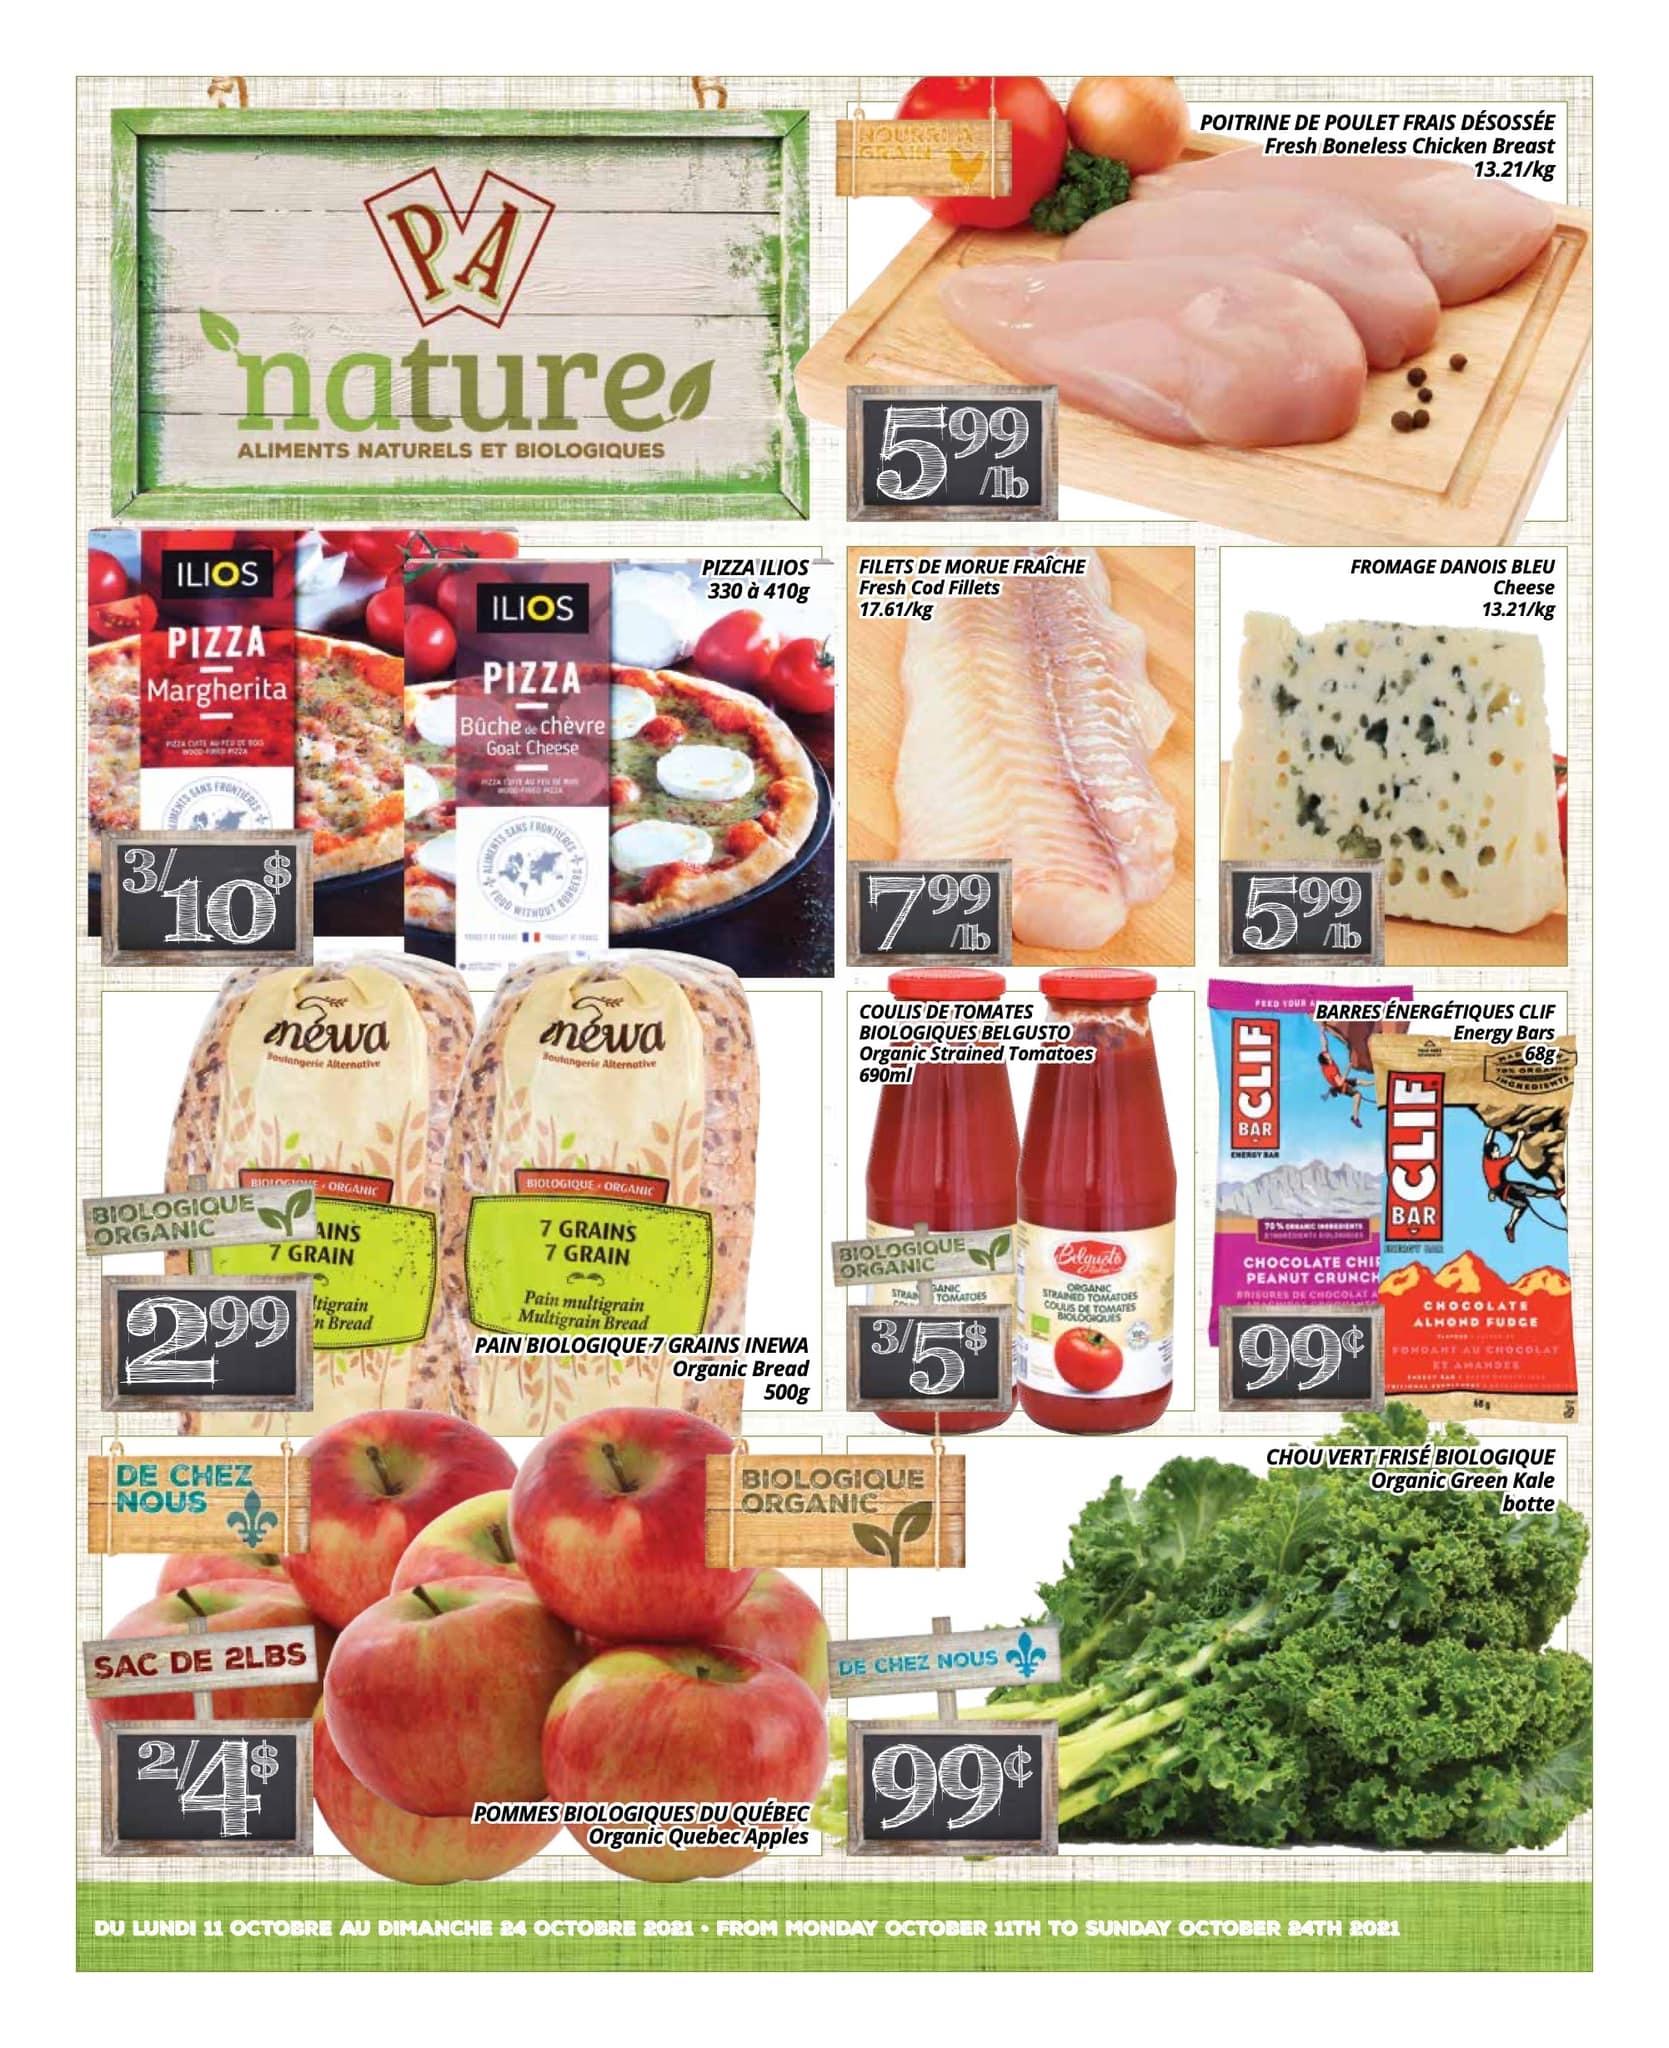 Circulaire PA Nature - Aliments Naturels et Biologiques du 11 au 24 octobre 2021 - Page 1